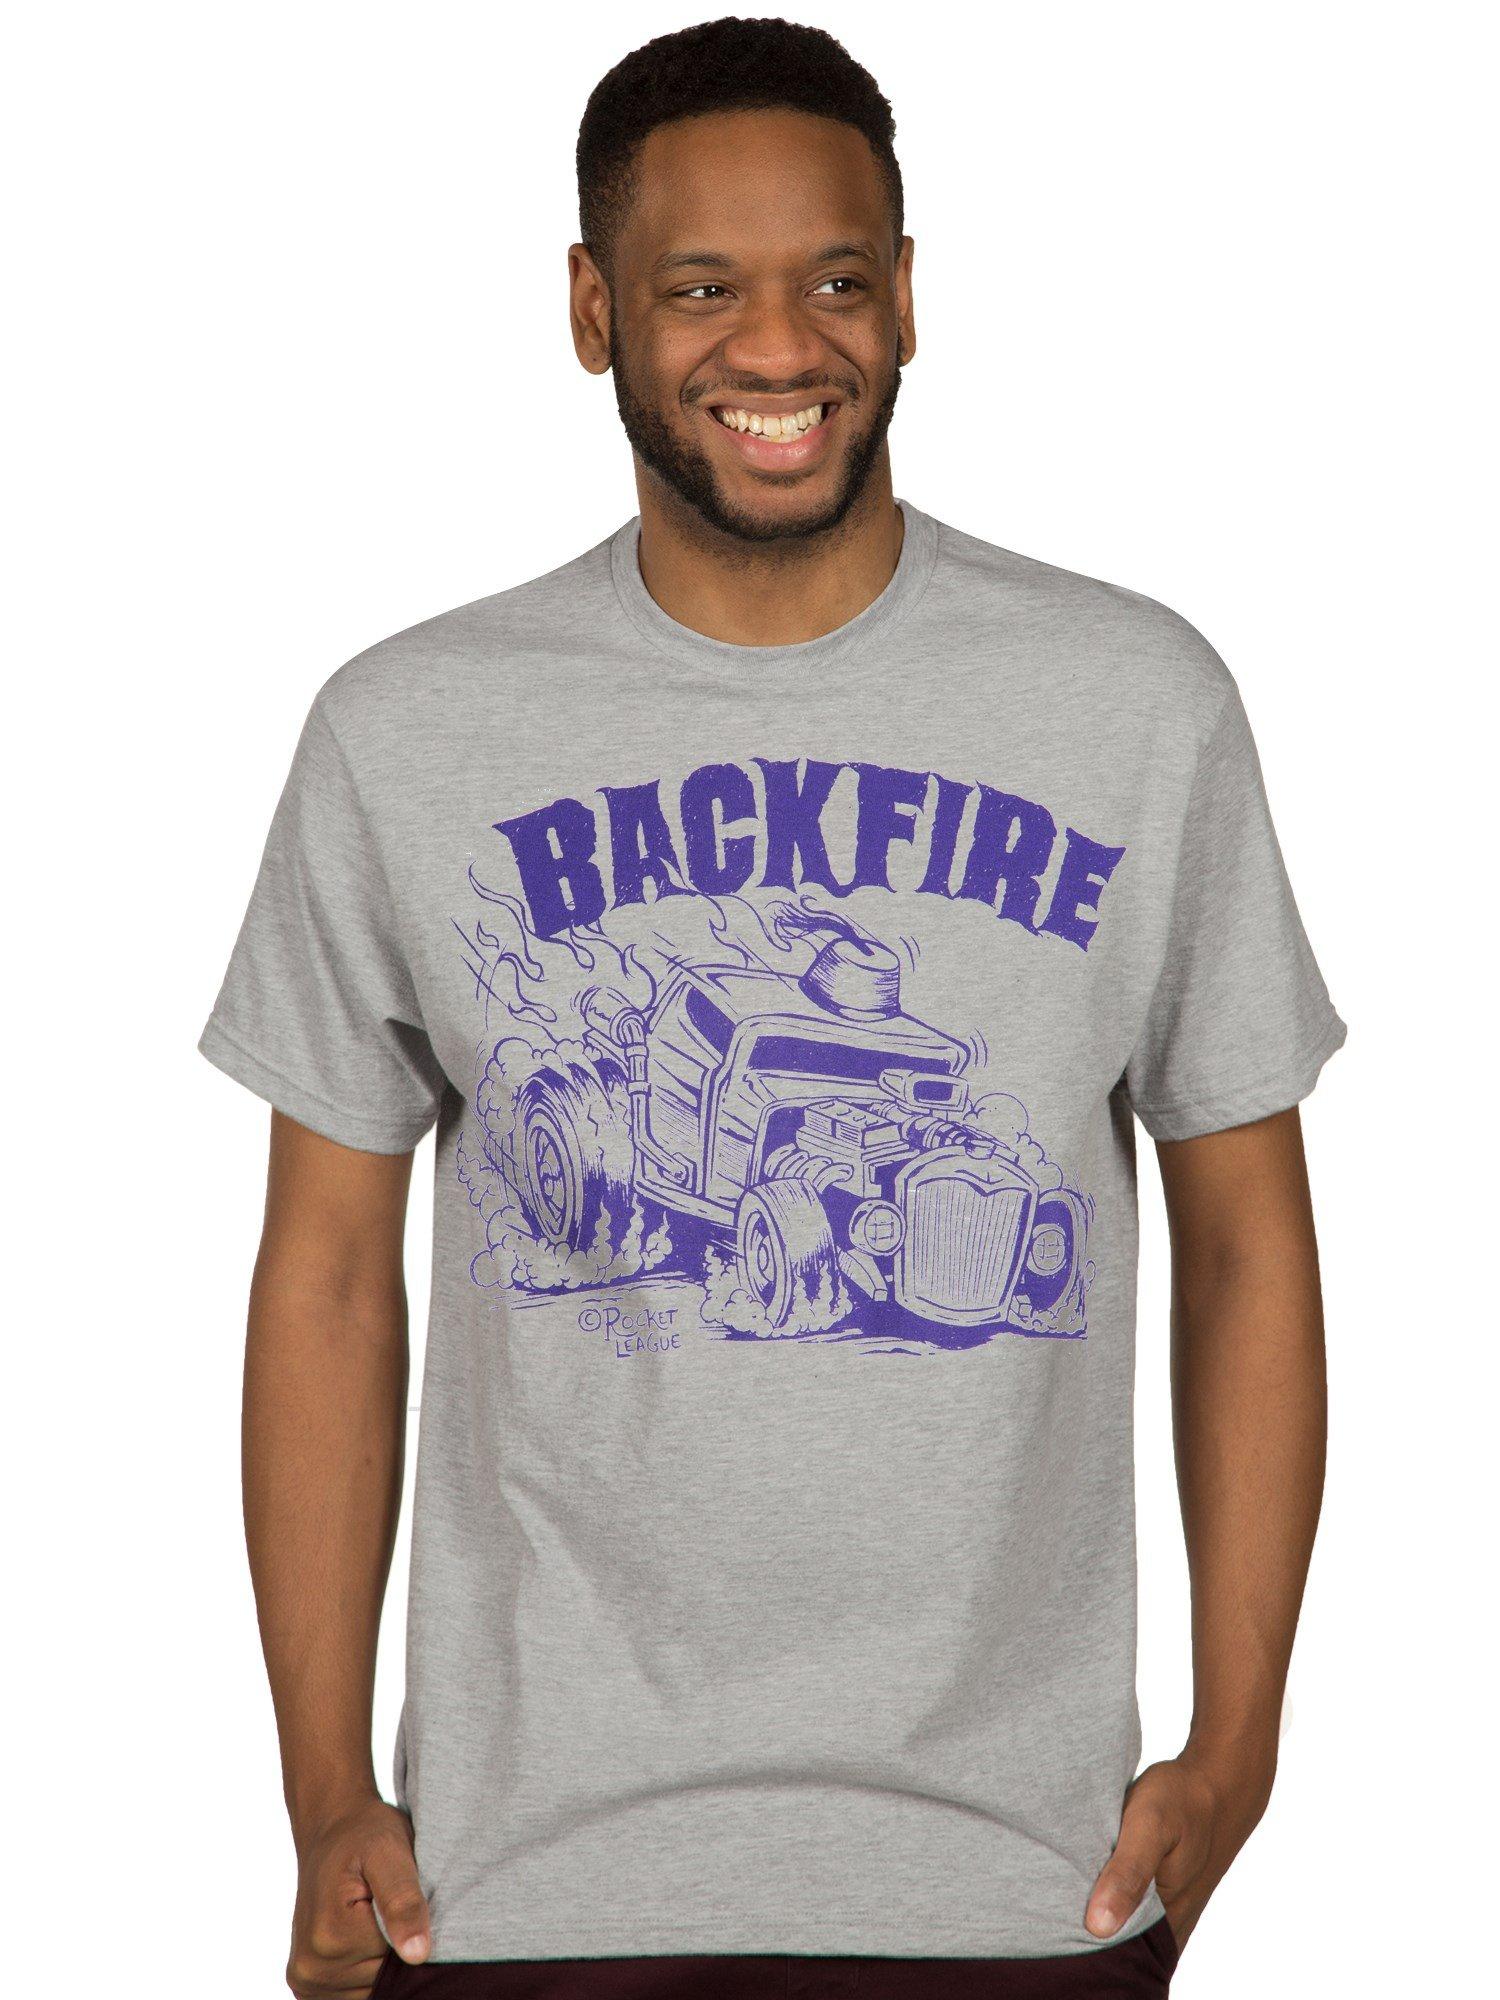 Jinx Rocket League Backfire Premium T Shirt 5516